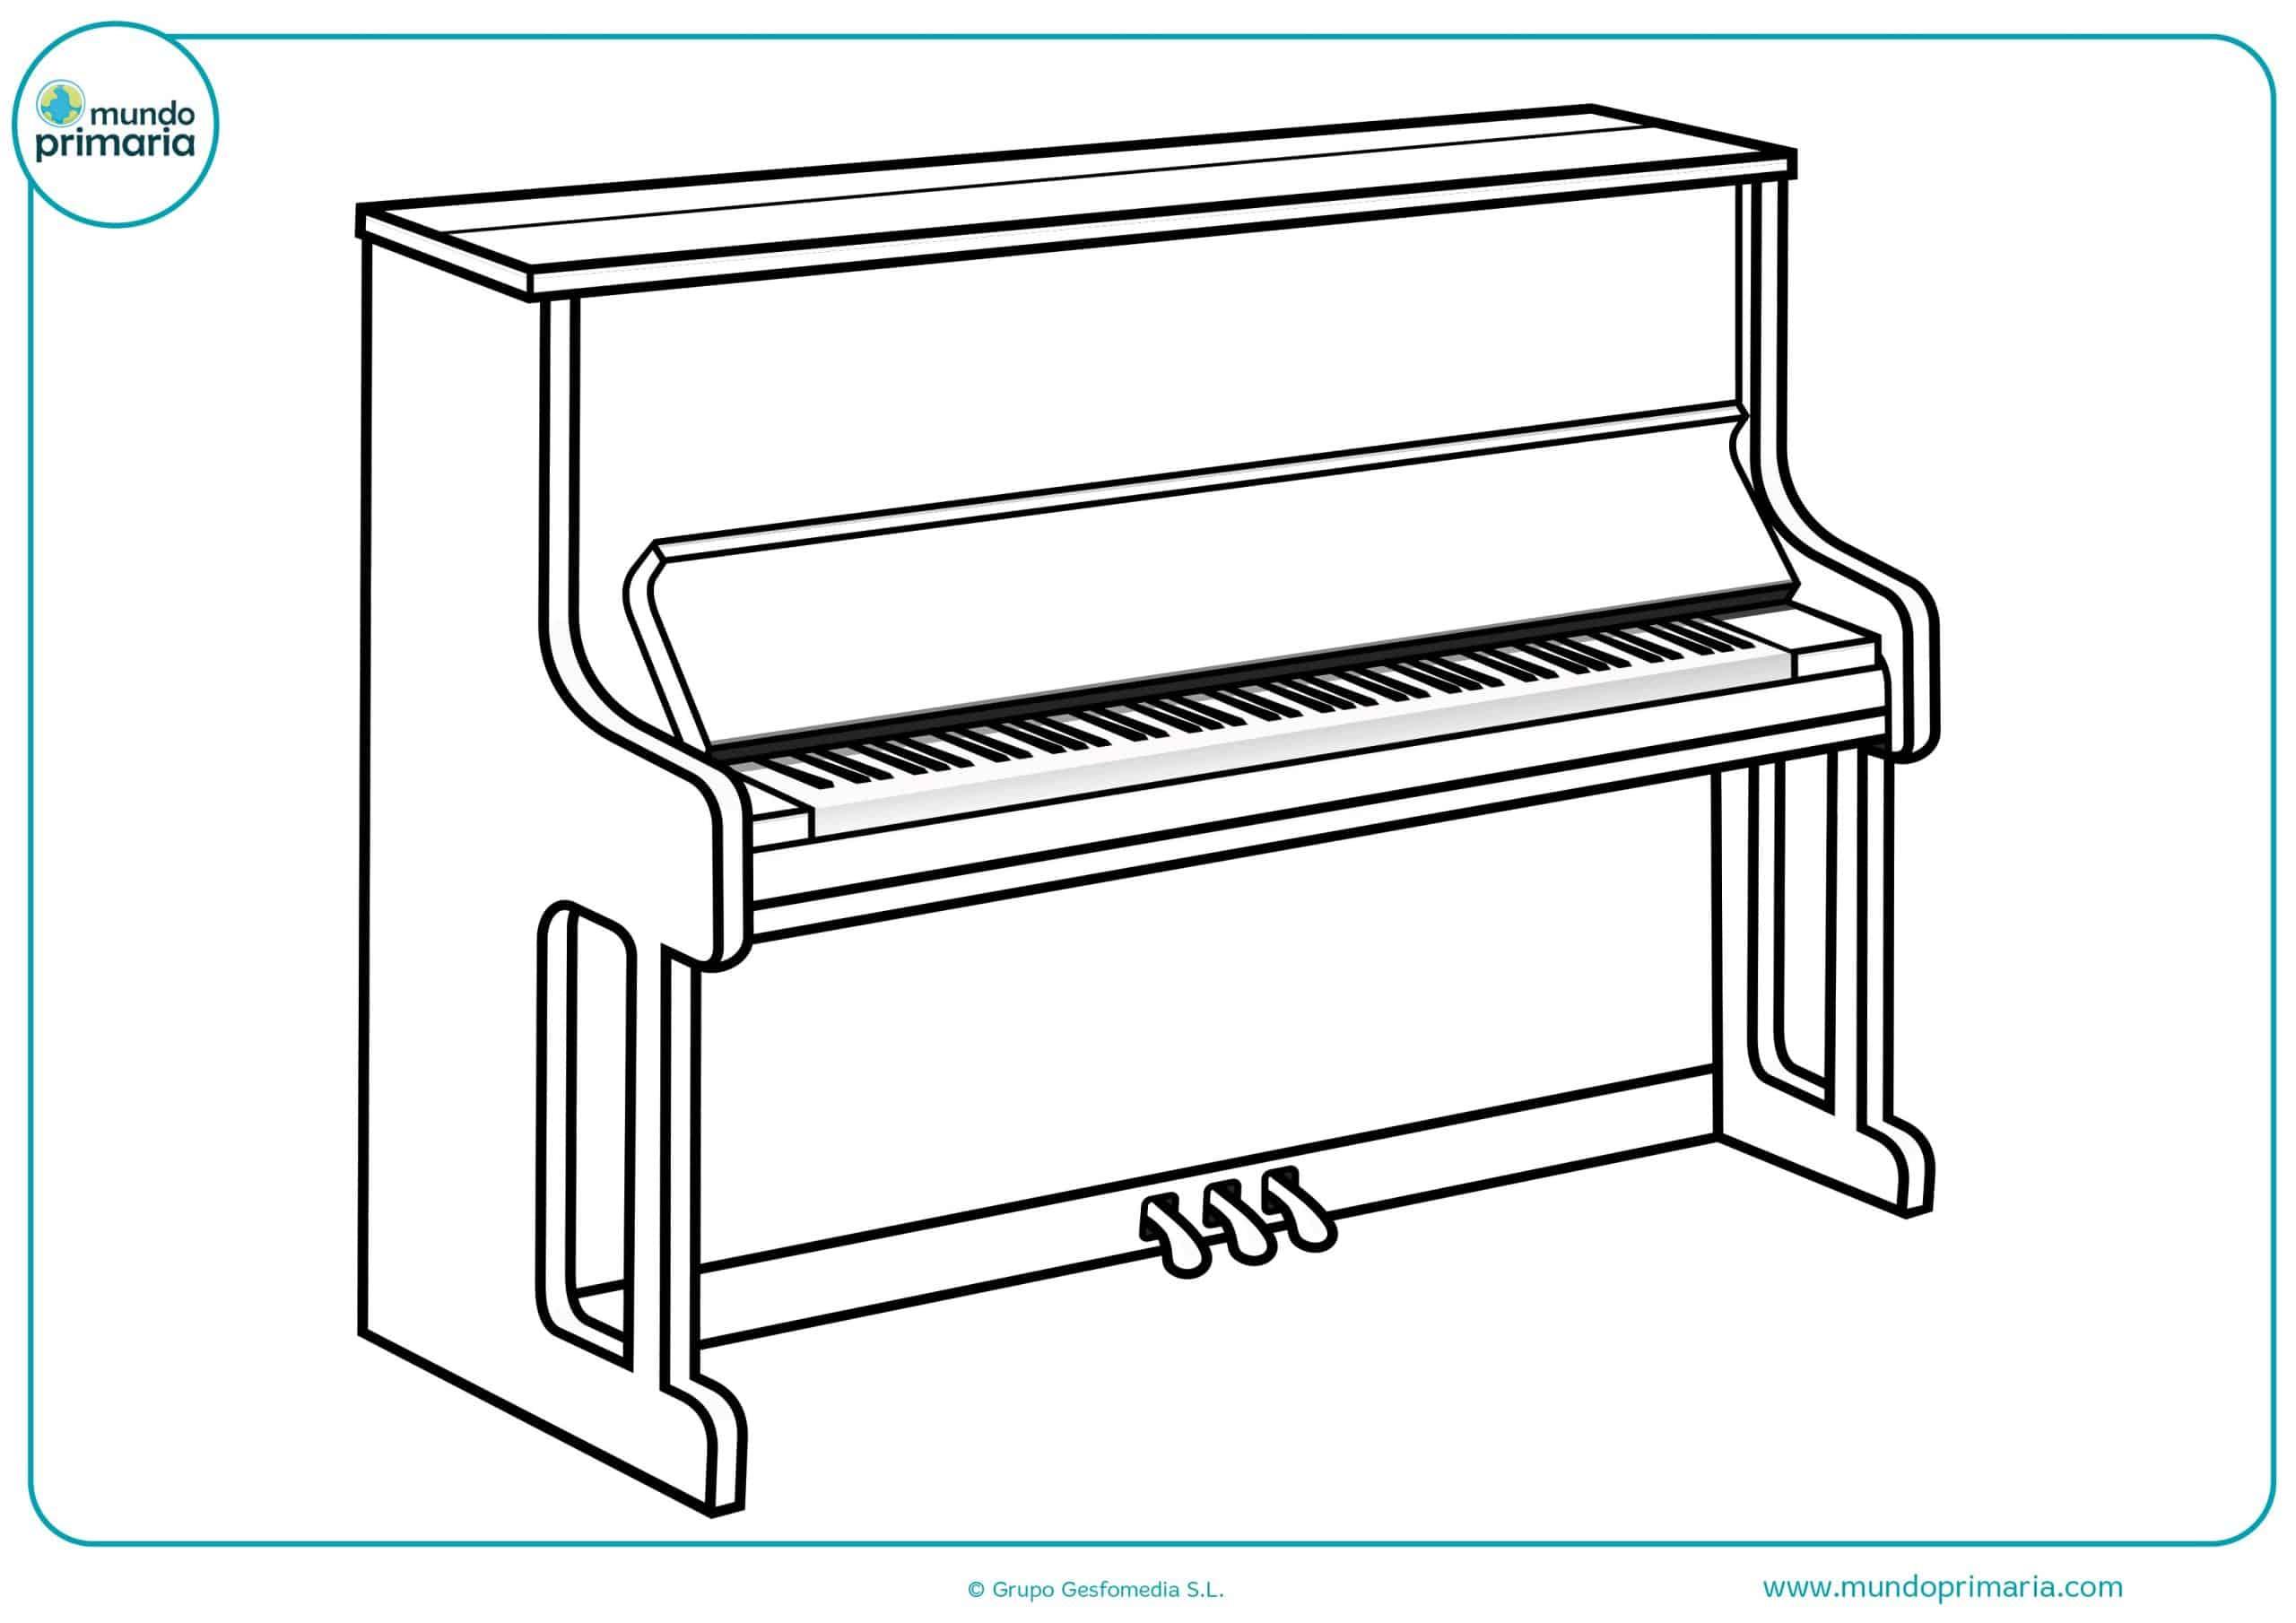 Descargar dibujo instrumentos musicales colorear gratis